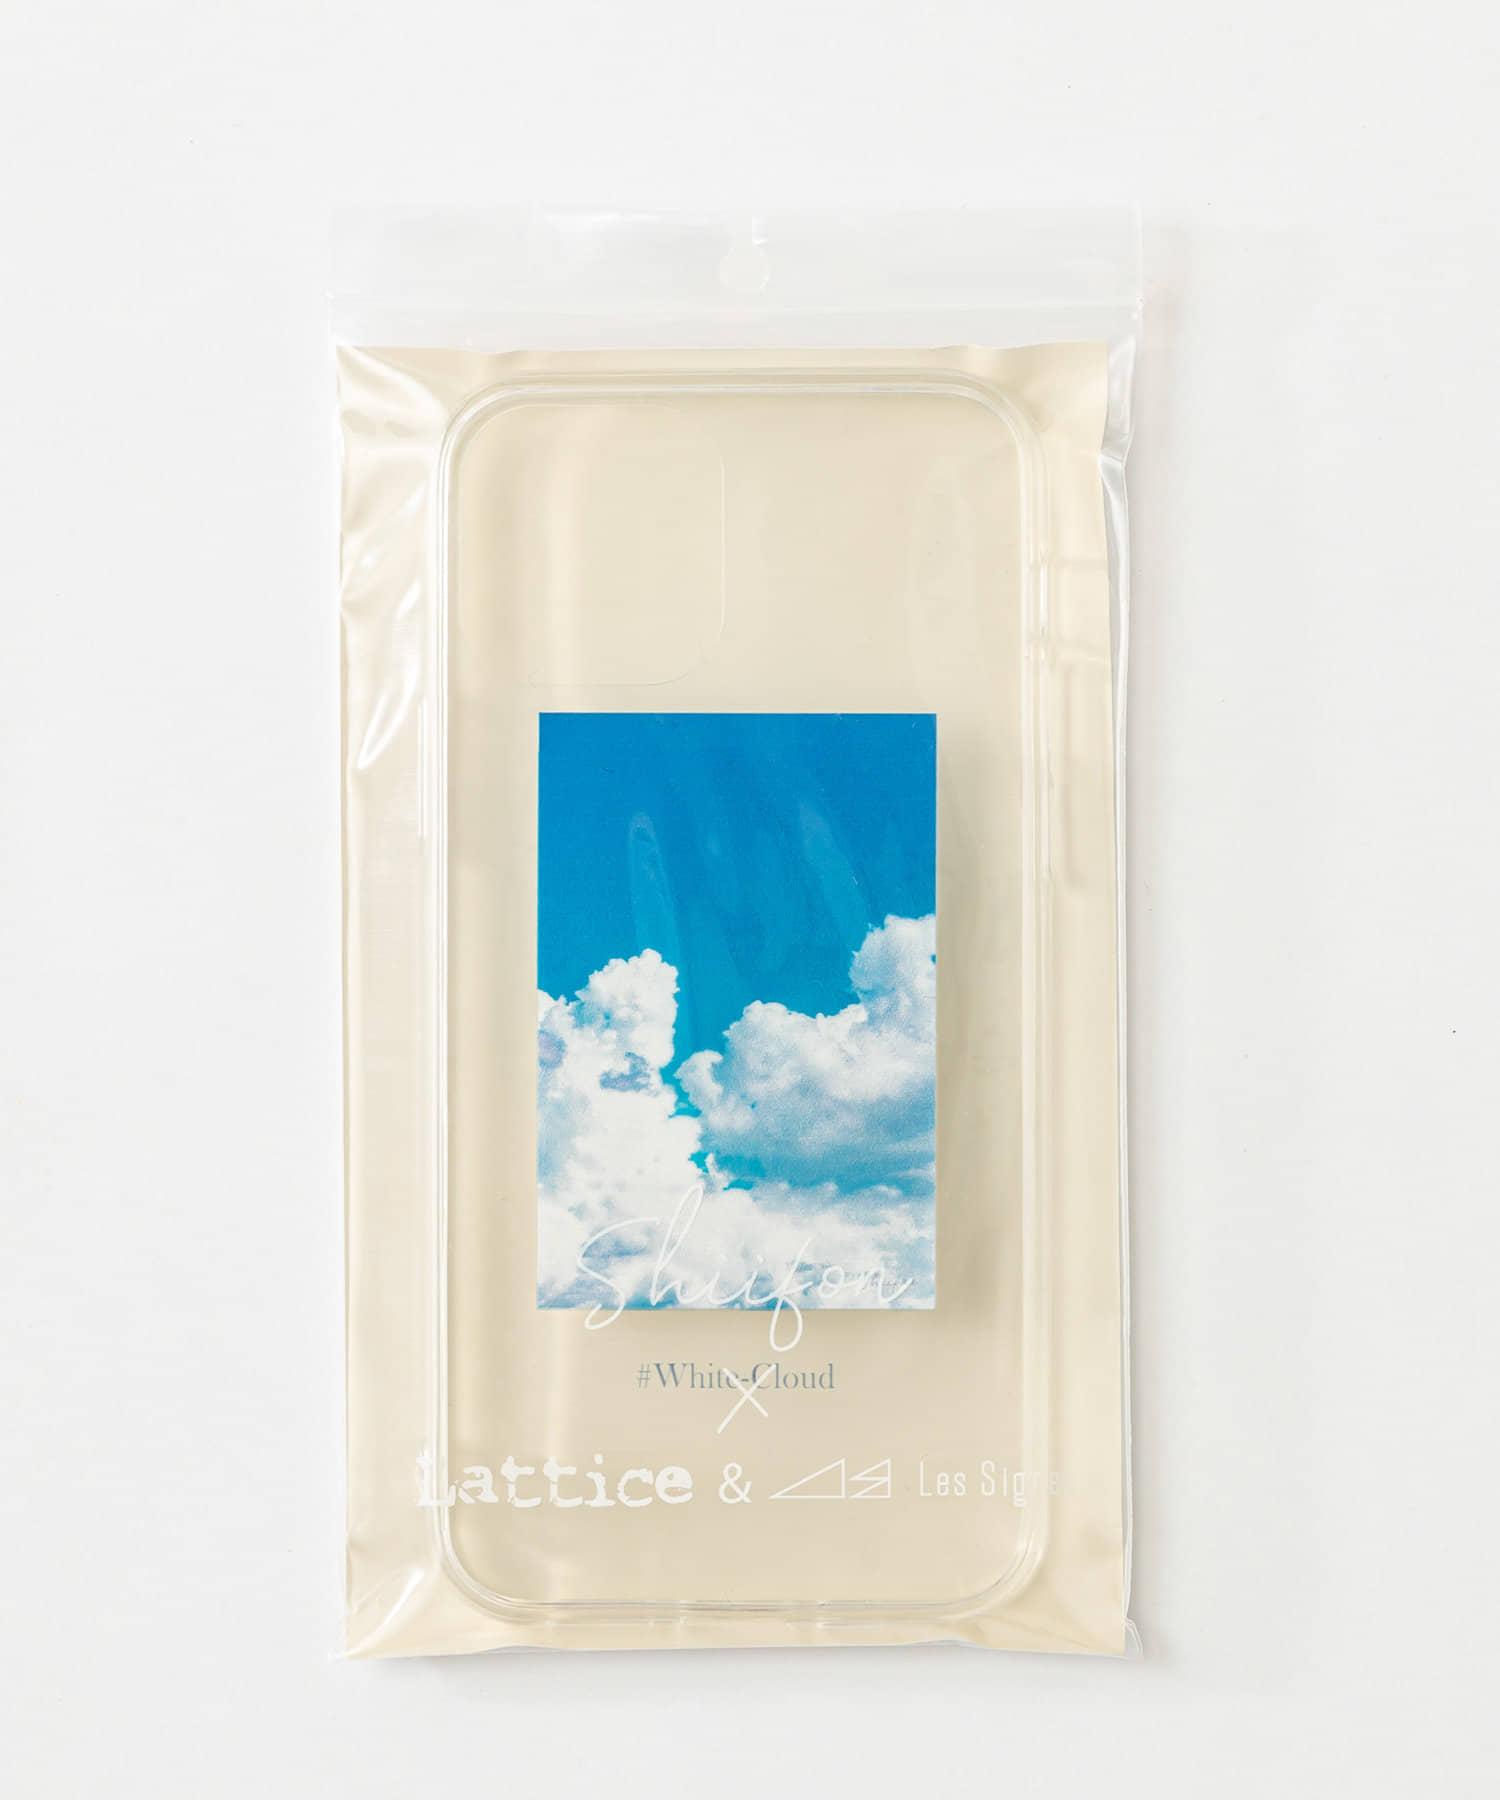 Lattice(ラティス) レディース 《しふぉん×Lattice&Les Signes》スマホケース 12/12pro ブルー